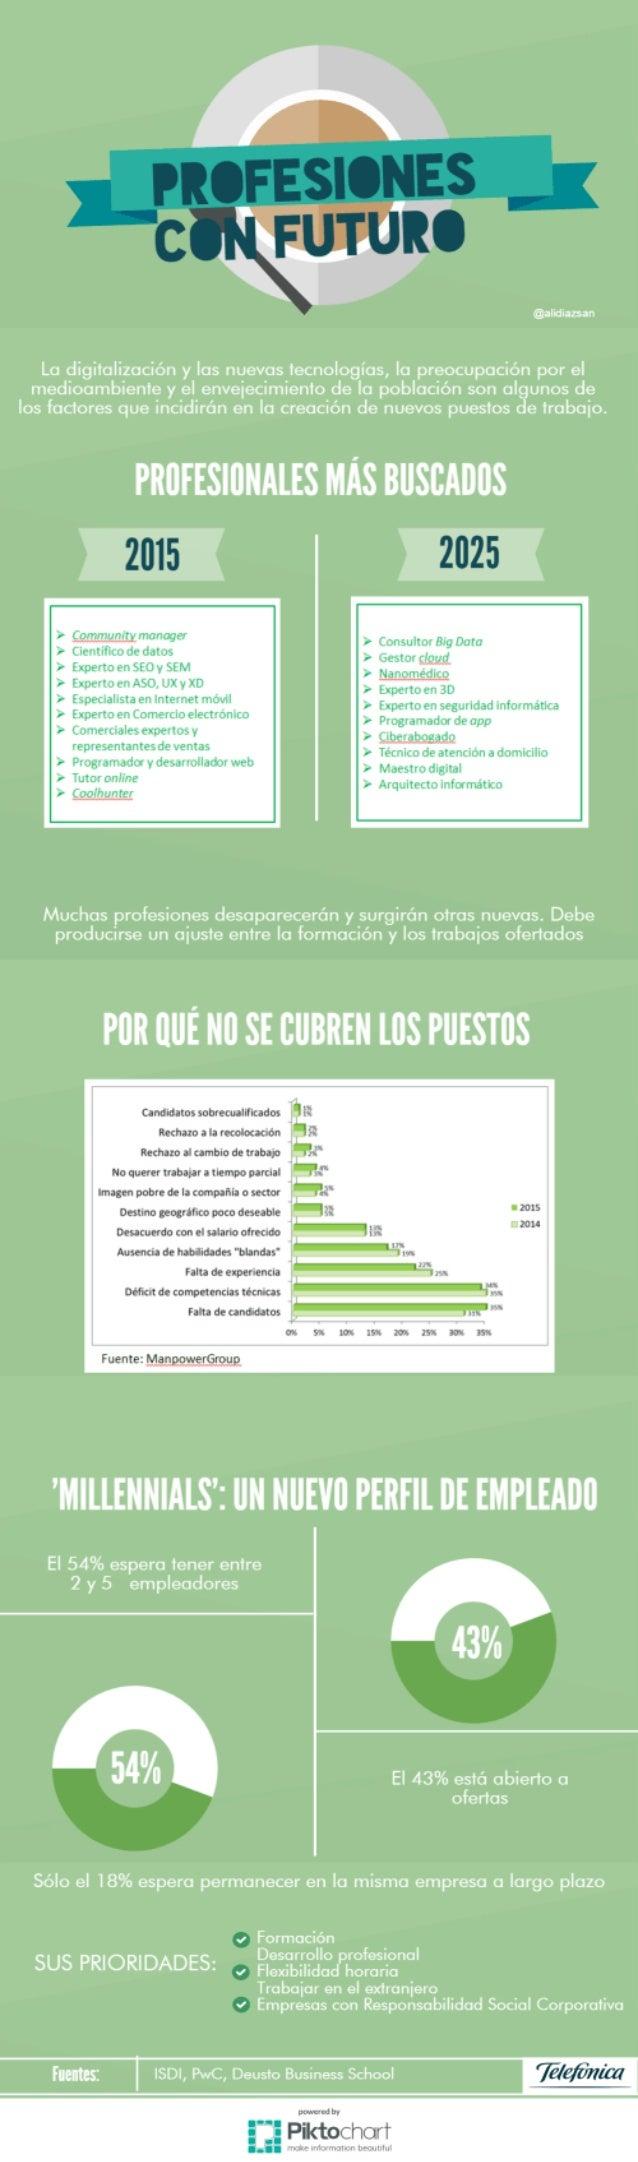 Infografía profesiones con futuro. Más información http://bit.ly/2bSDVNN